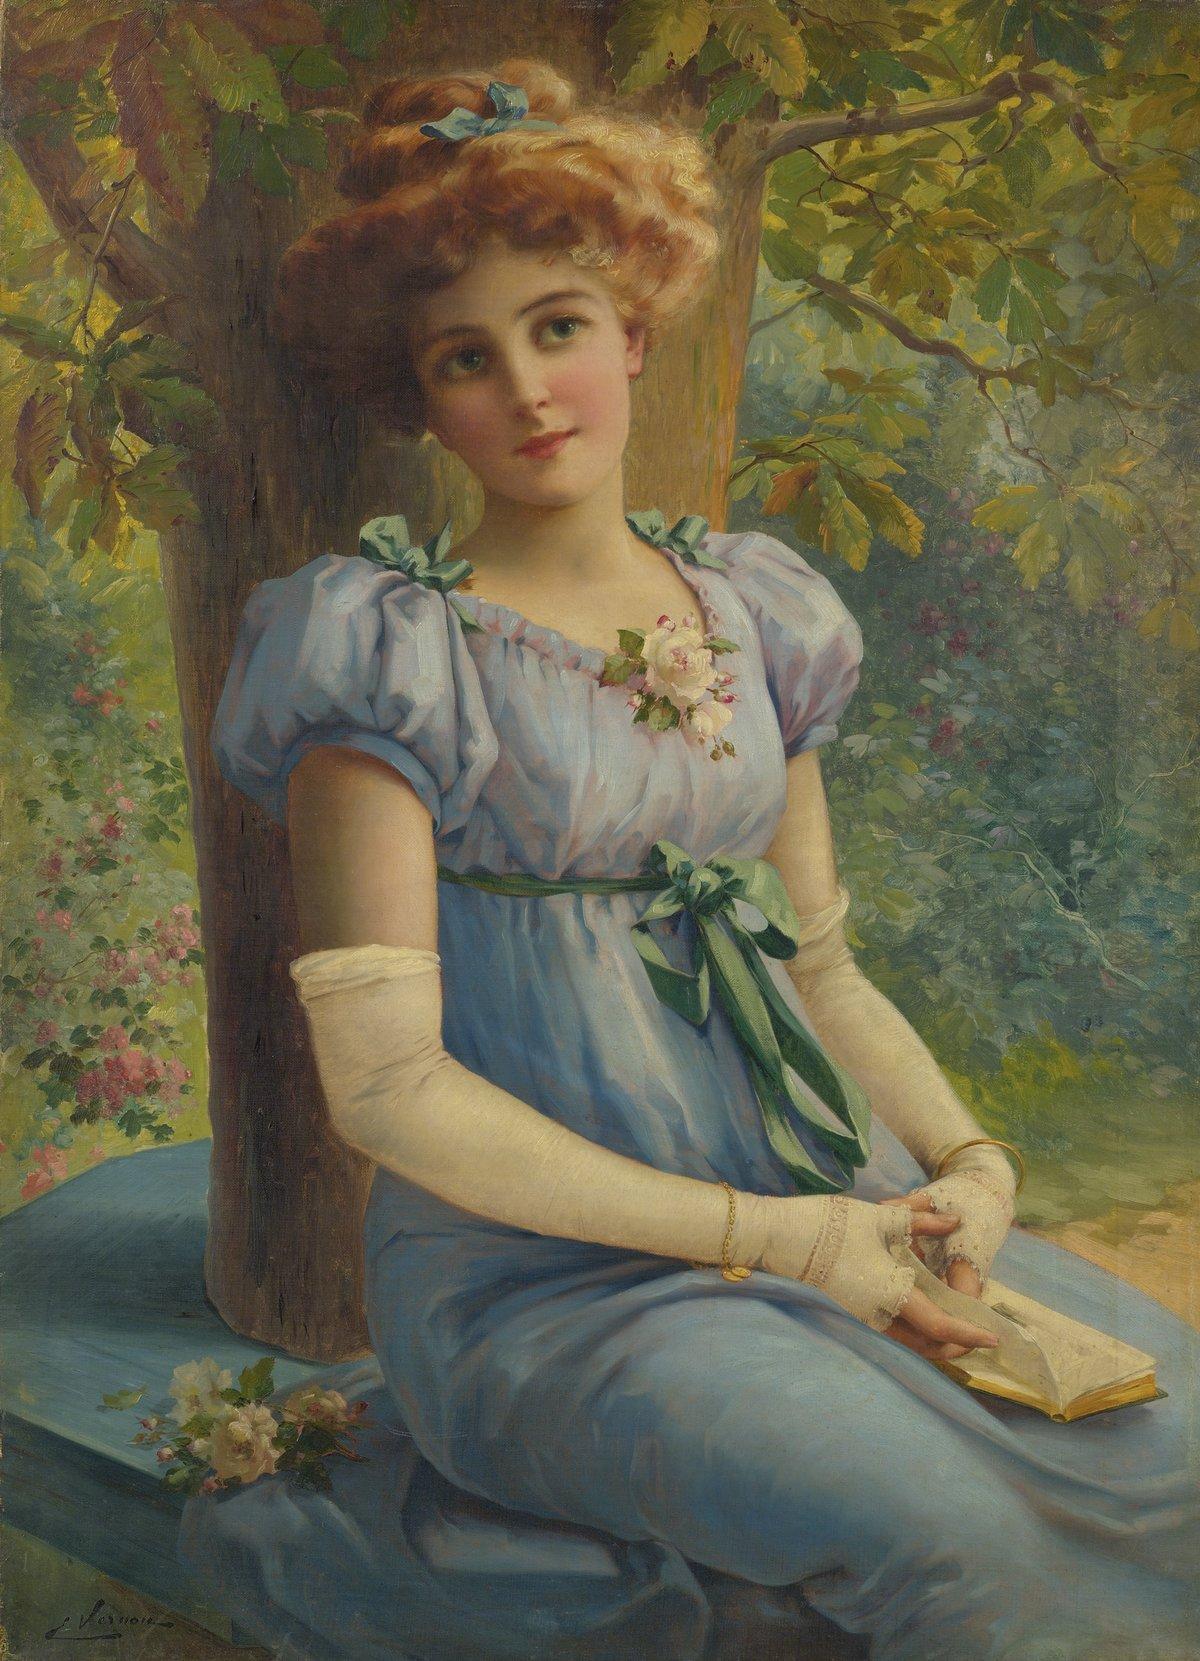 Картинки французских художников красивые, сердючка картинки